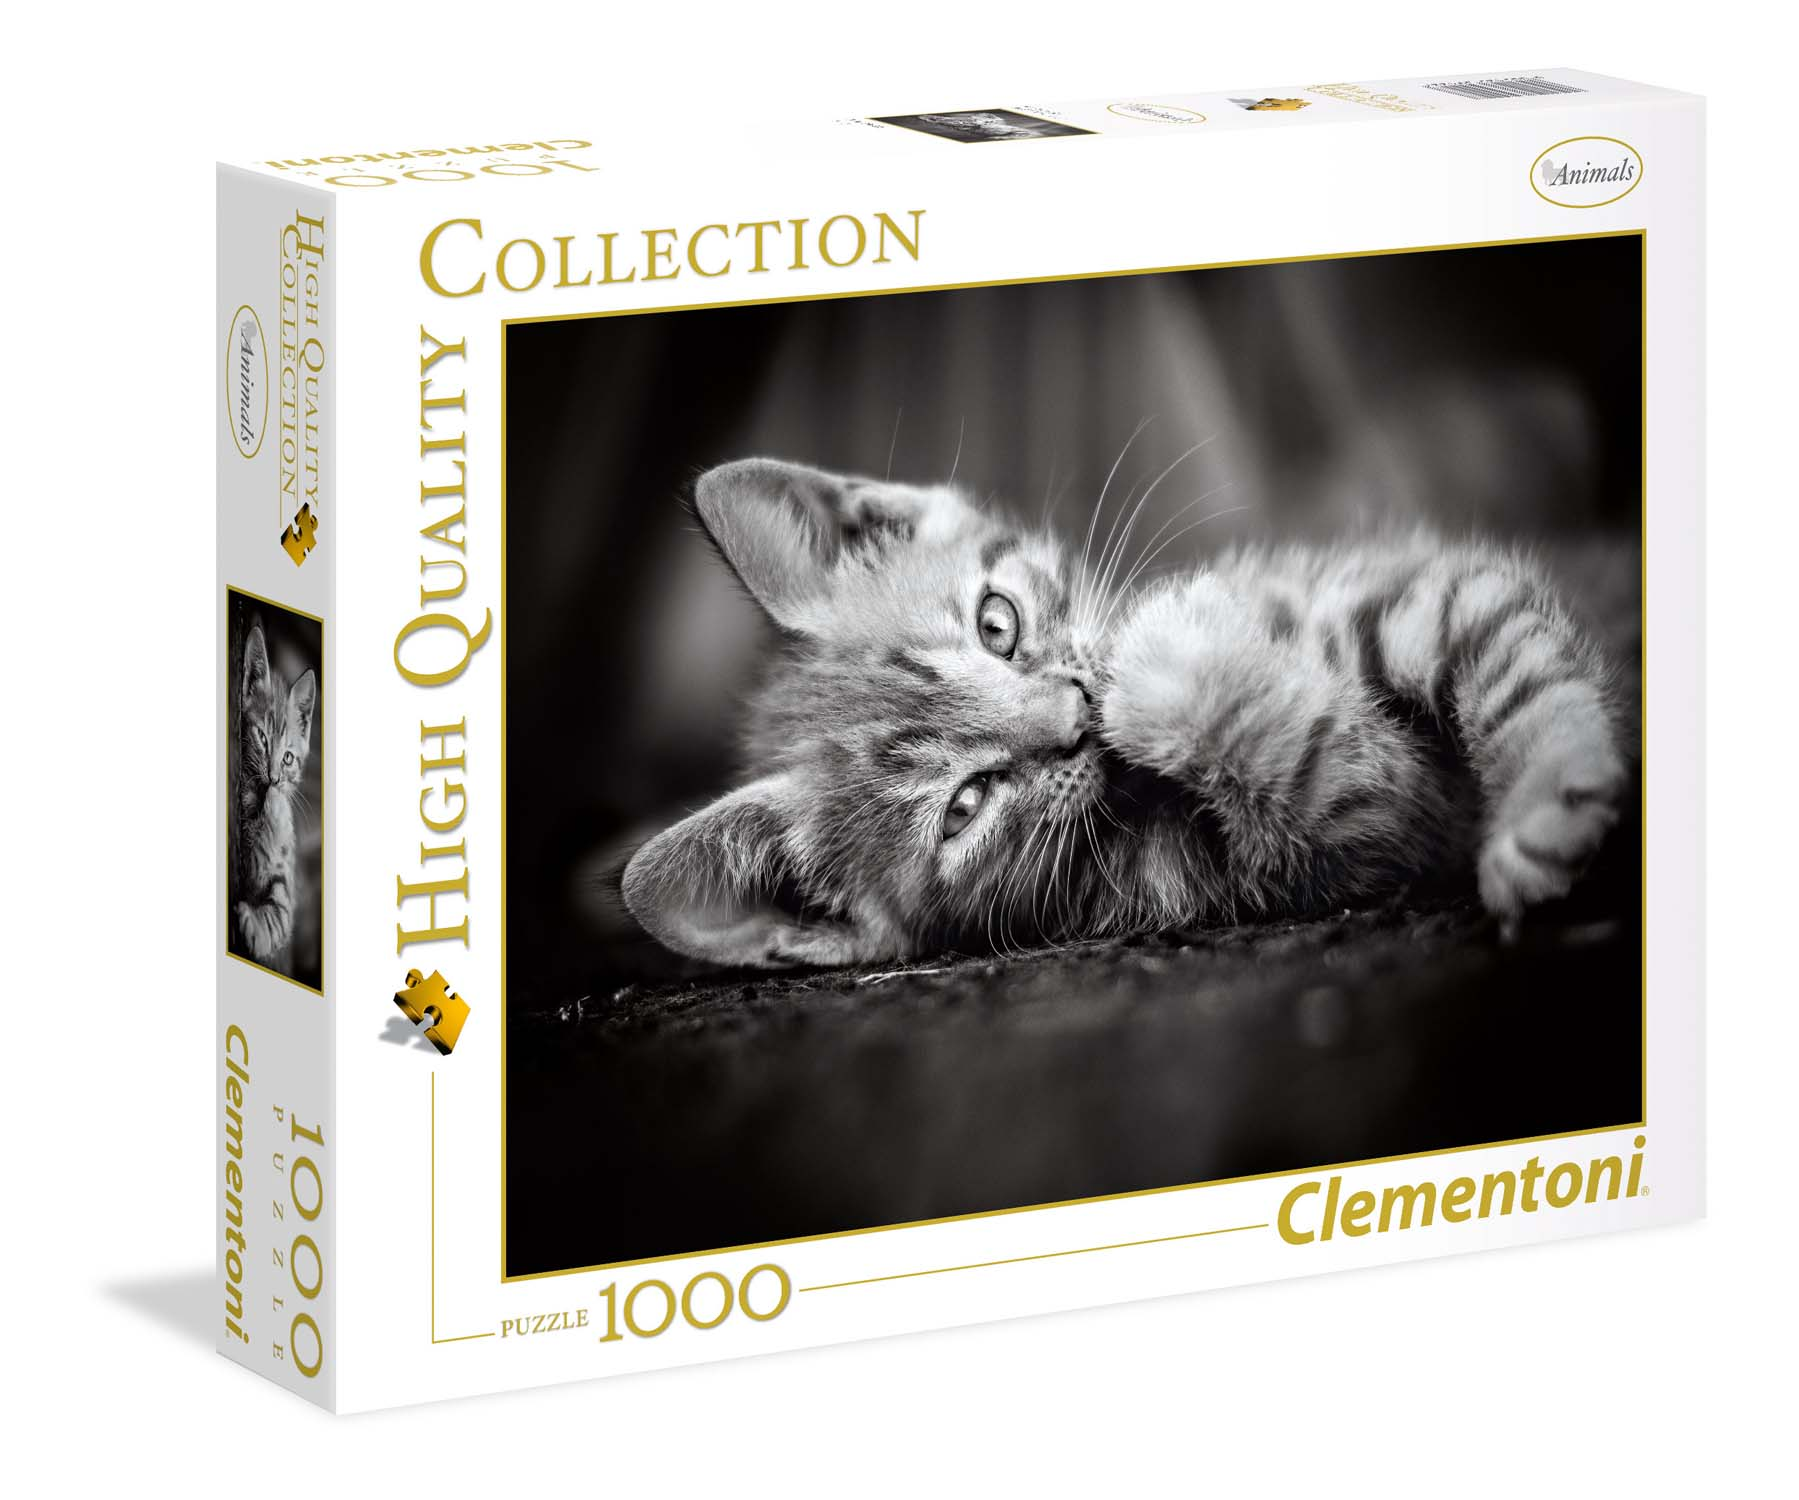 Merchandising Puzzle 1000 Pz - High Quality Collection - Kitty NUOVO SIGILLATO, EDIZIONE DEL 07/03/2018 DISPO ENTRO UN MESE, SU ORDINAZIONE